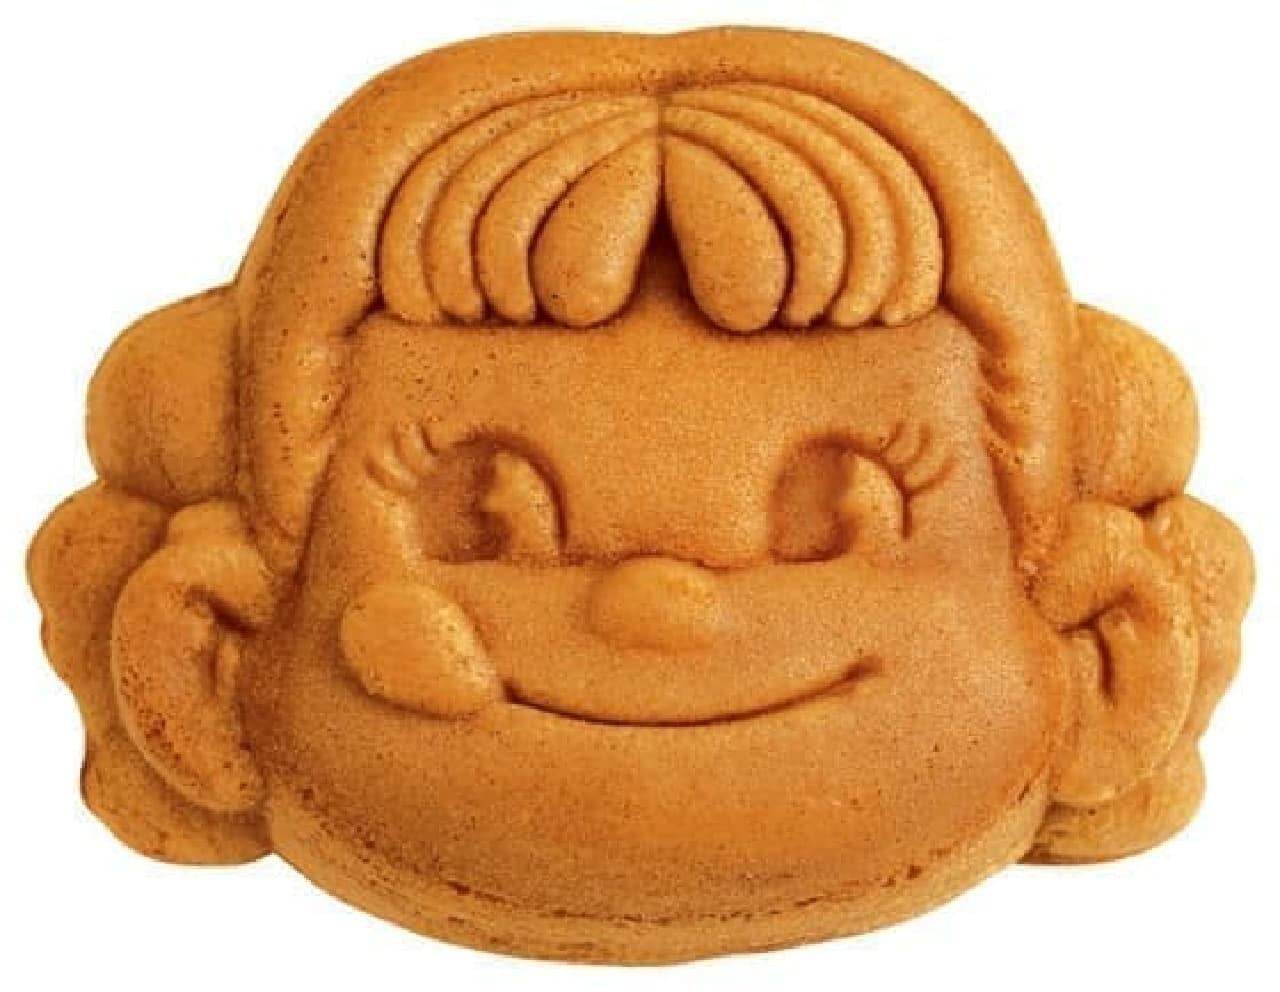 西洋菓子舗 不二家 銀座三越店限定の「ペコちゃん人形焼」